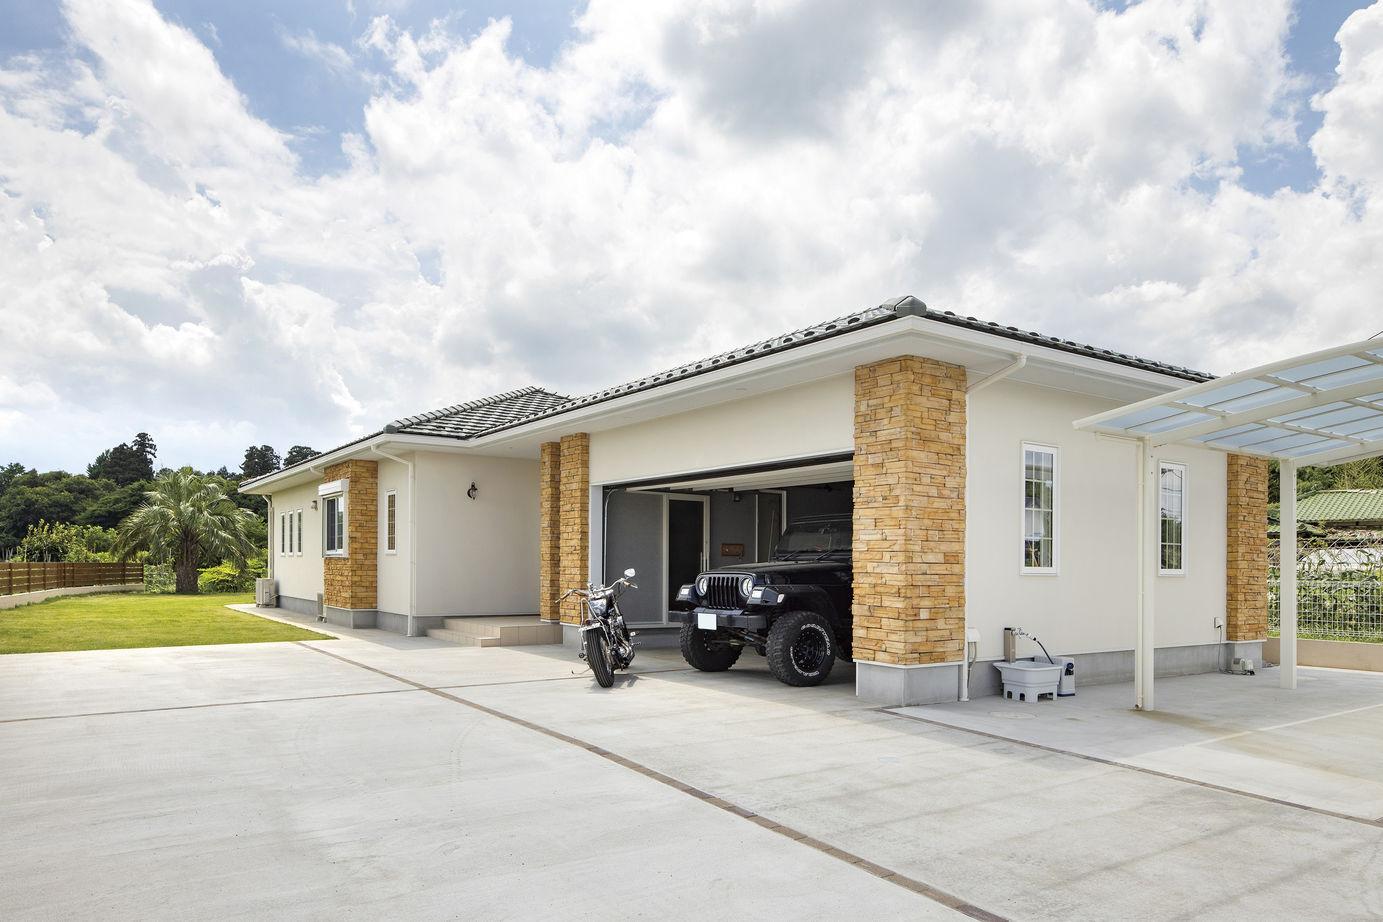 ガーデニングやアウトドアライフを満喫できる広めのスペースを確保した平屋のガレージハウスの外観の画像